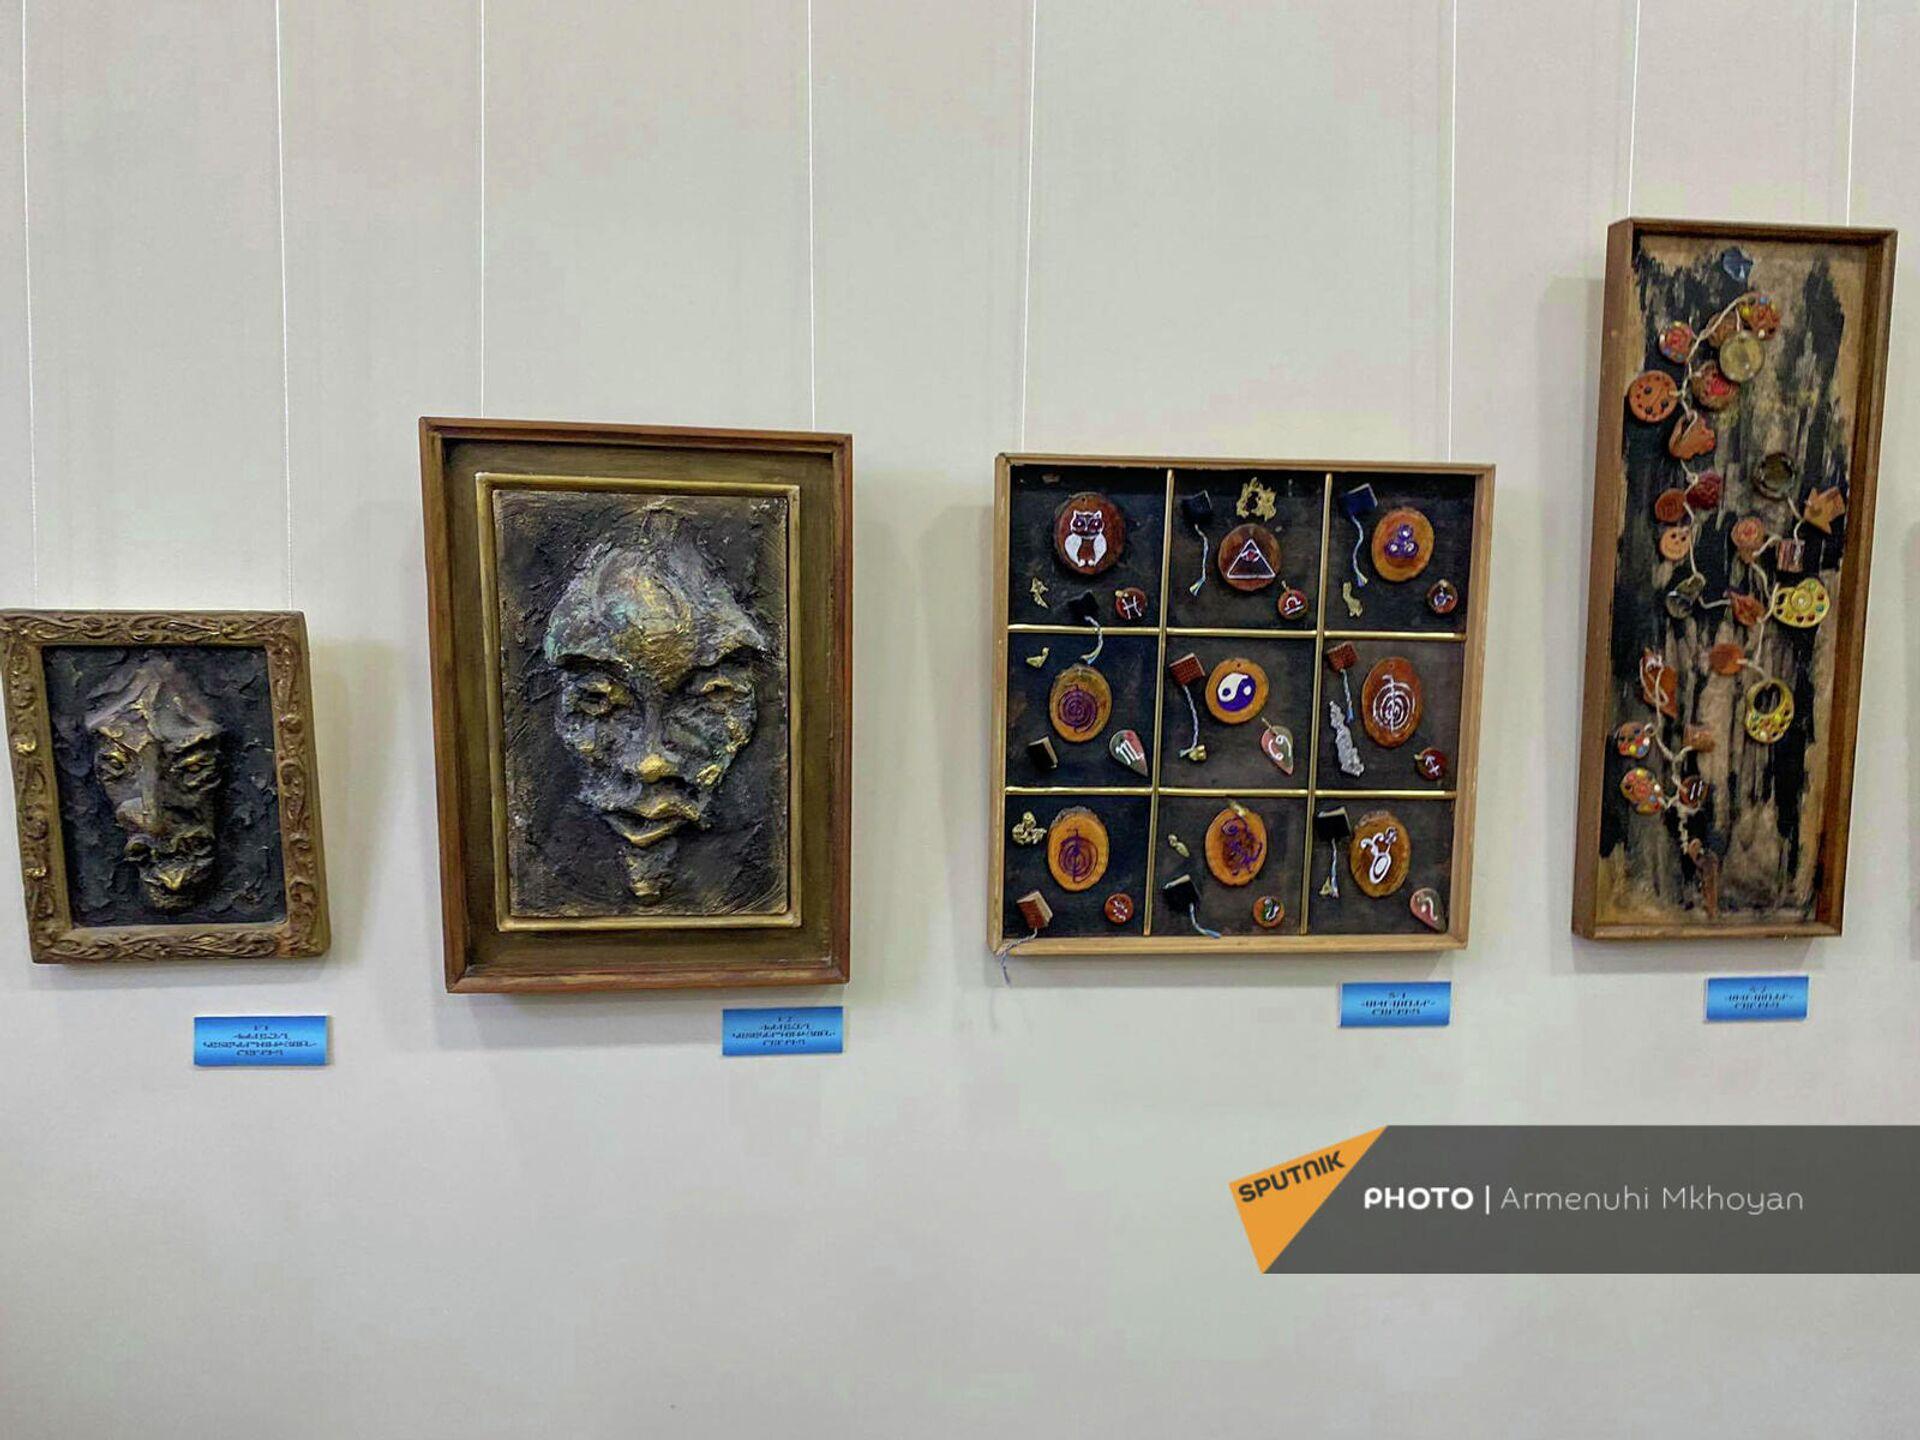 Персональная выставка Возвращение Бена Погосяна, тяжело раненного в 44-дневной войне (21 сентября 2021). Гюмри - Sputnik Армения, 1920, 24.09.2021